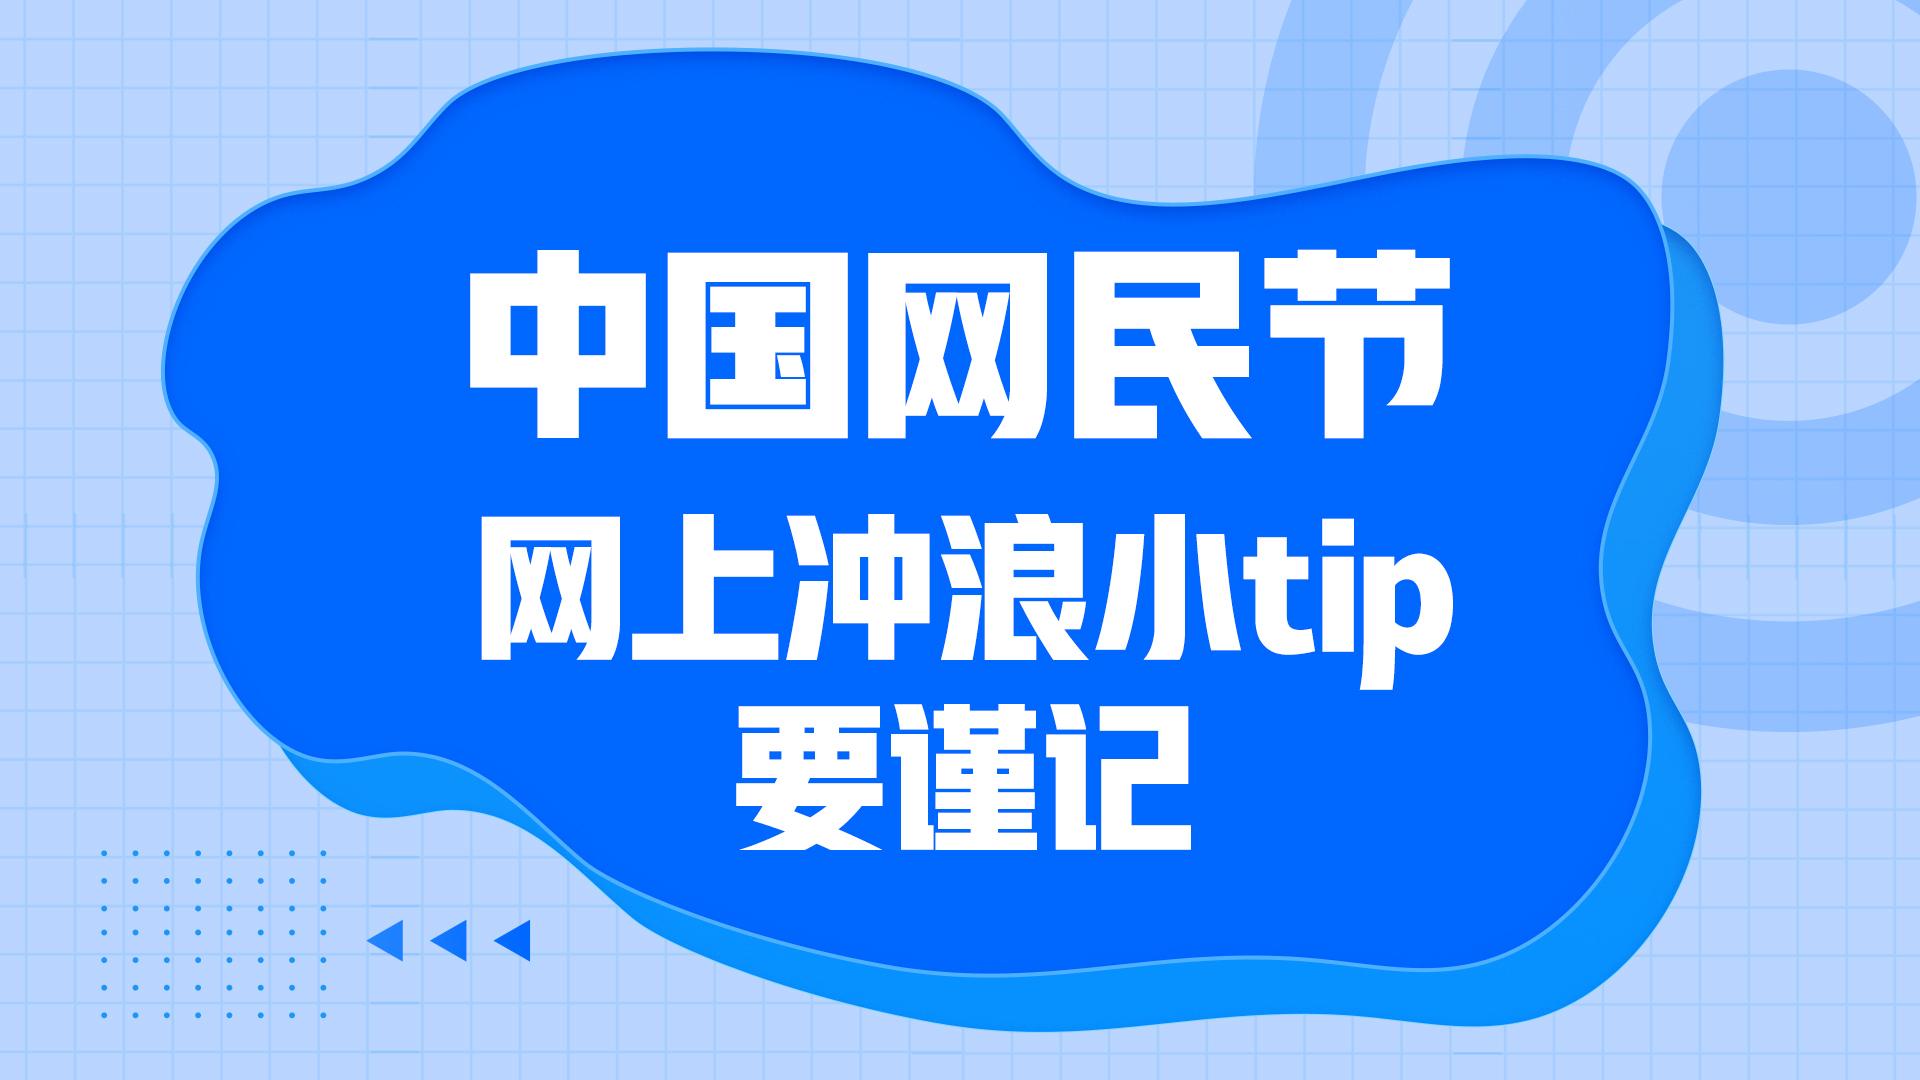 中国网民节丨网上冲浪小tip要谨记